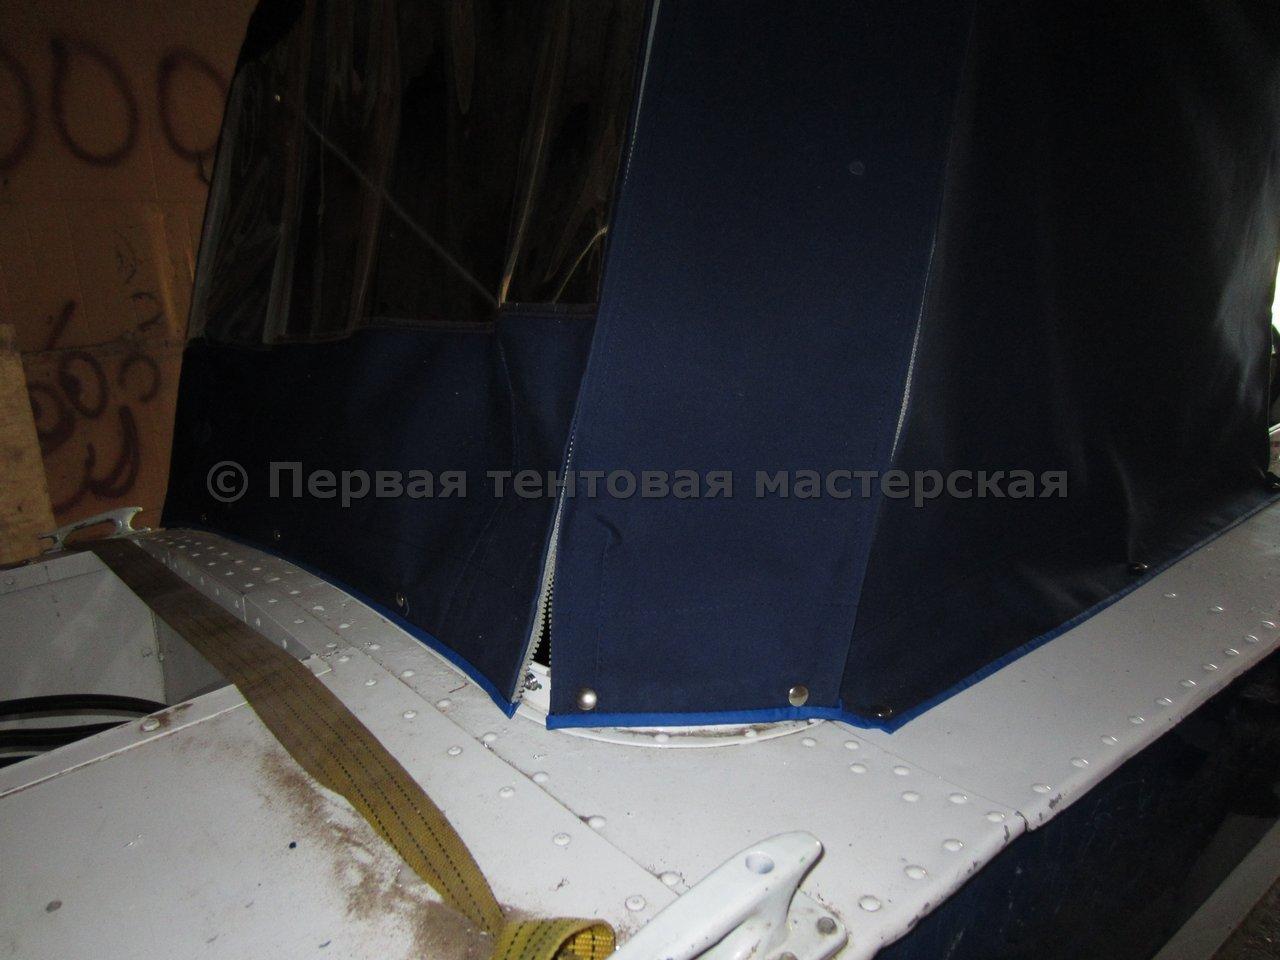 tents14_087